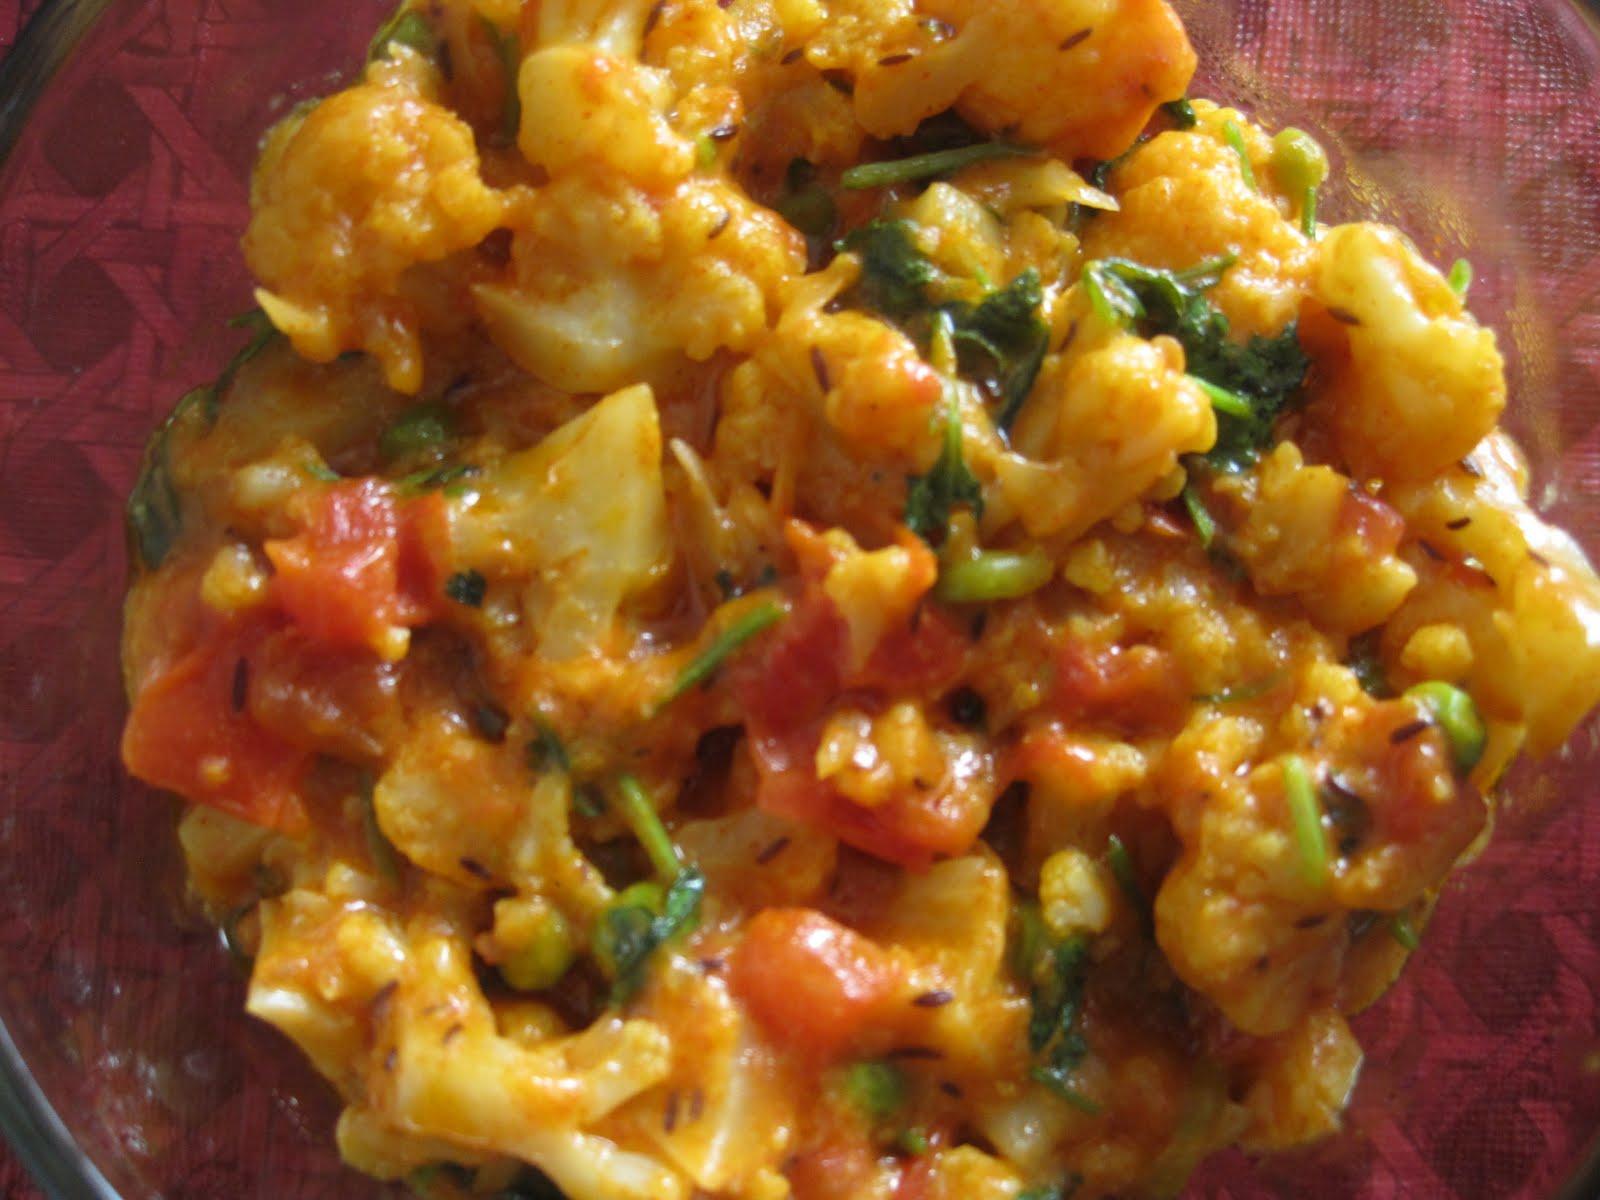 Ruchimayam: Dudh Gobi / Milky Cauliflower Curry